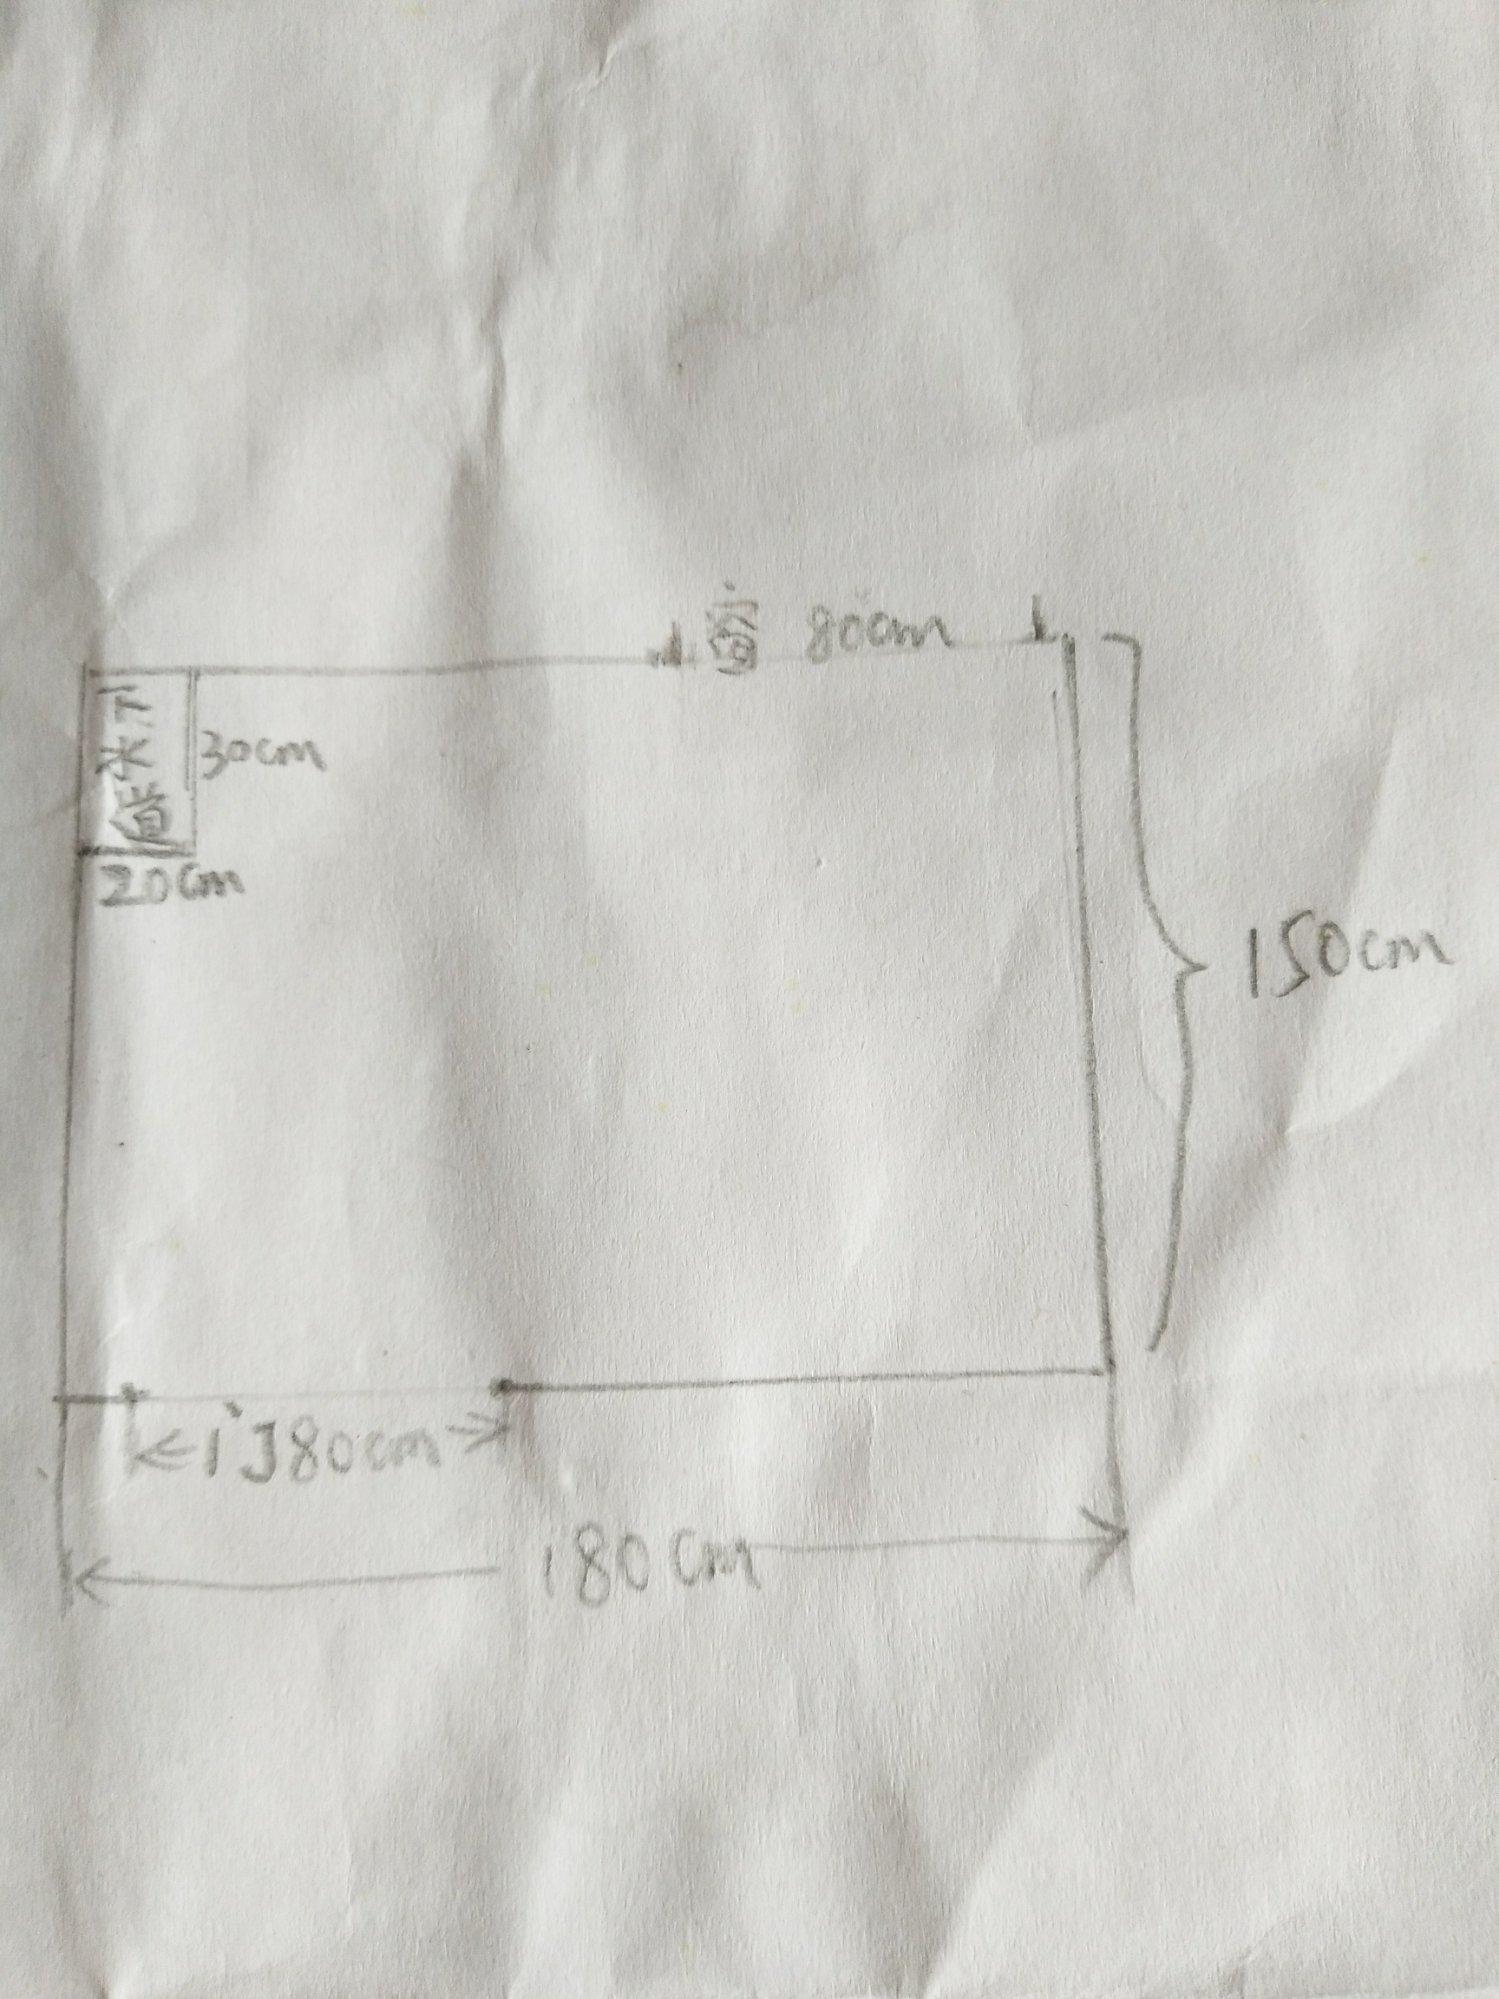 1.8×1.6m卫生间可以做干湿分离么?若可以,如何设计?谢谢😊